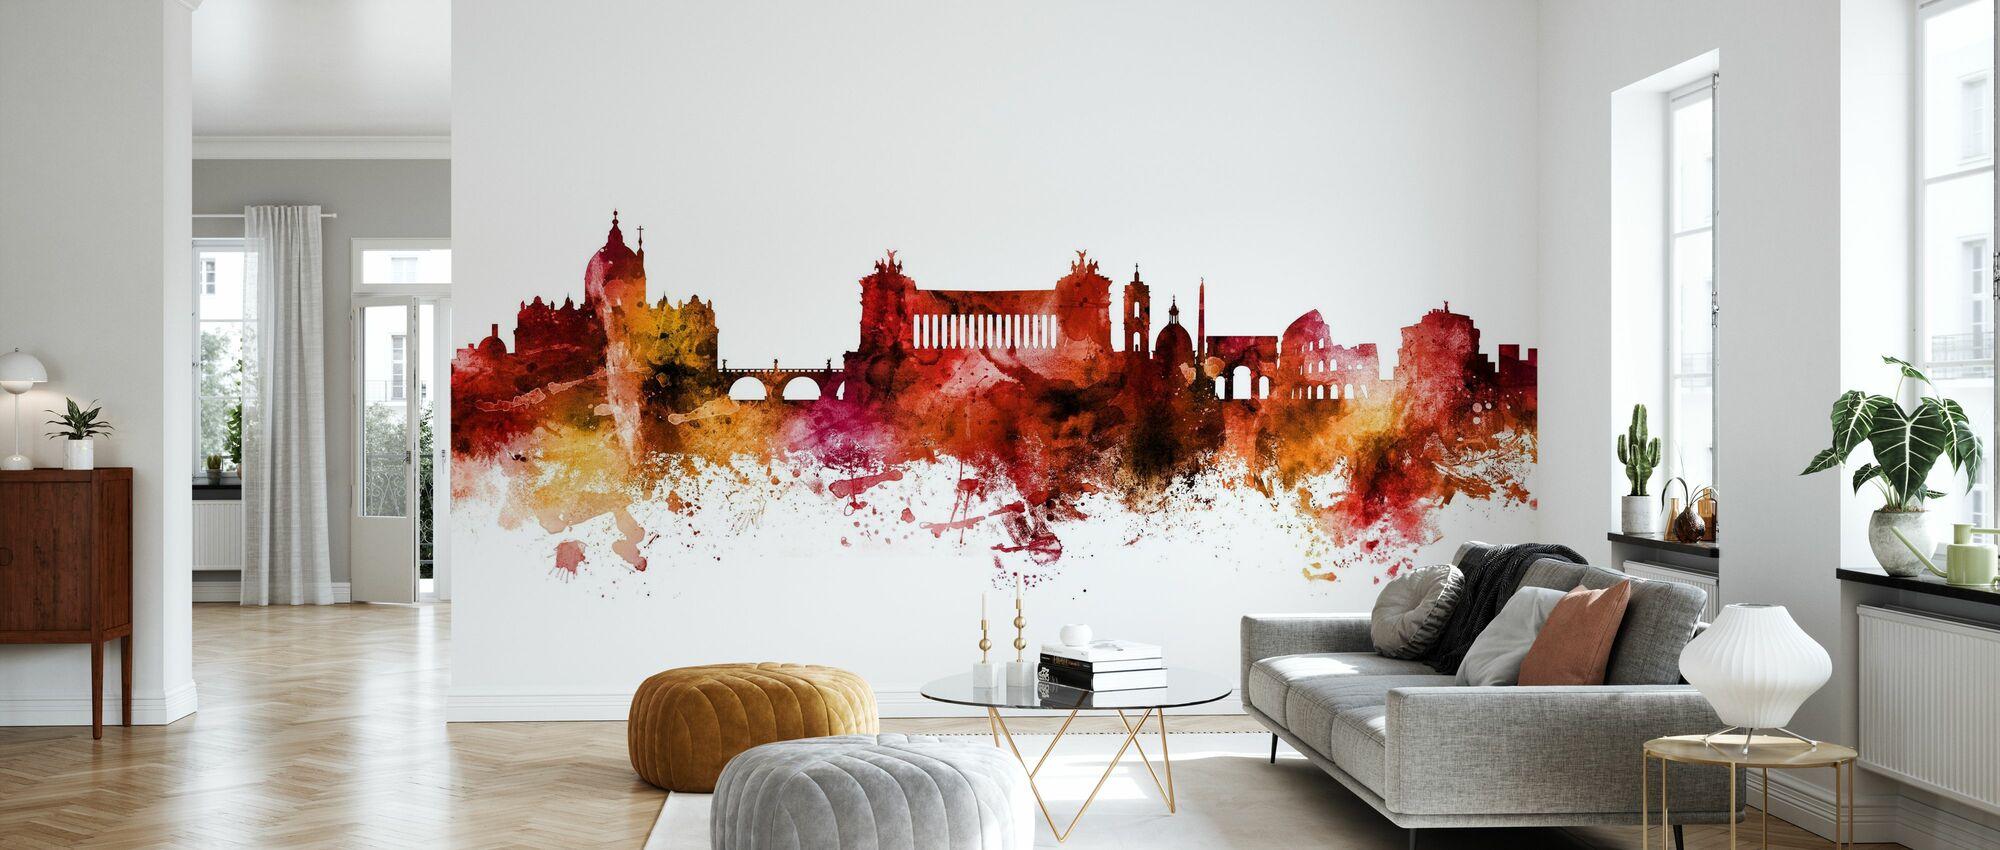 Rome Italy Skyline - Wallpaper - Living Room